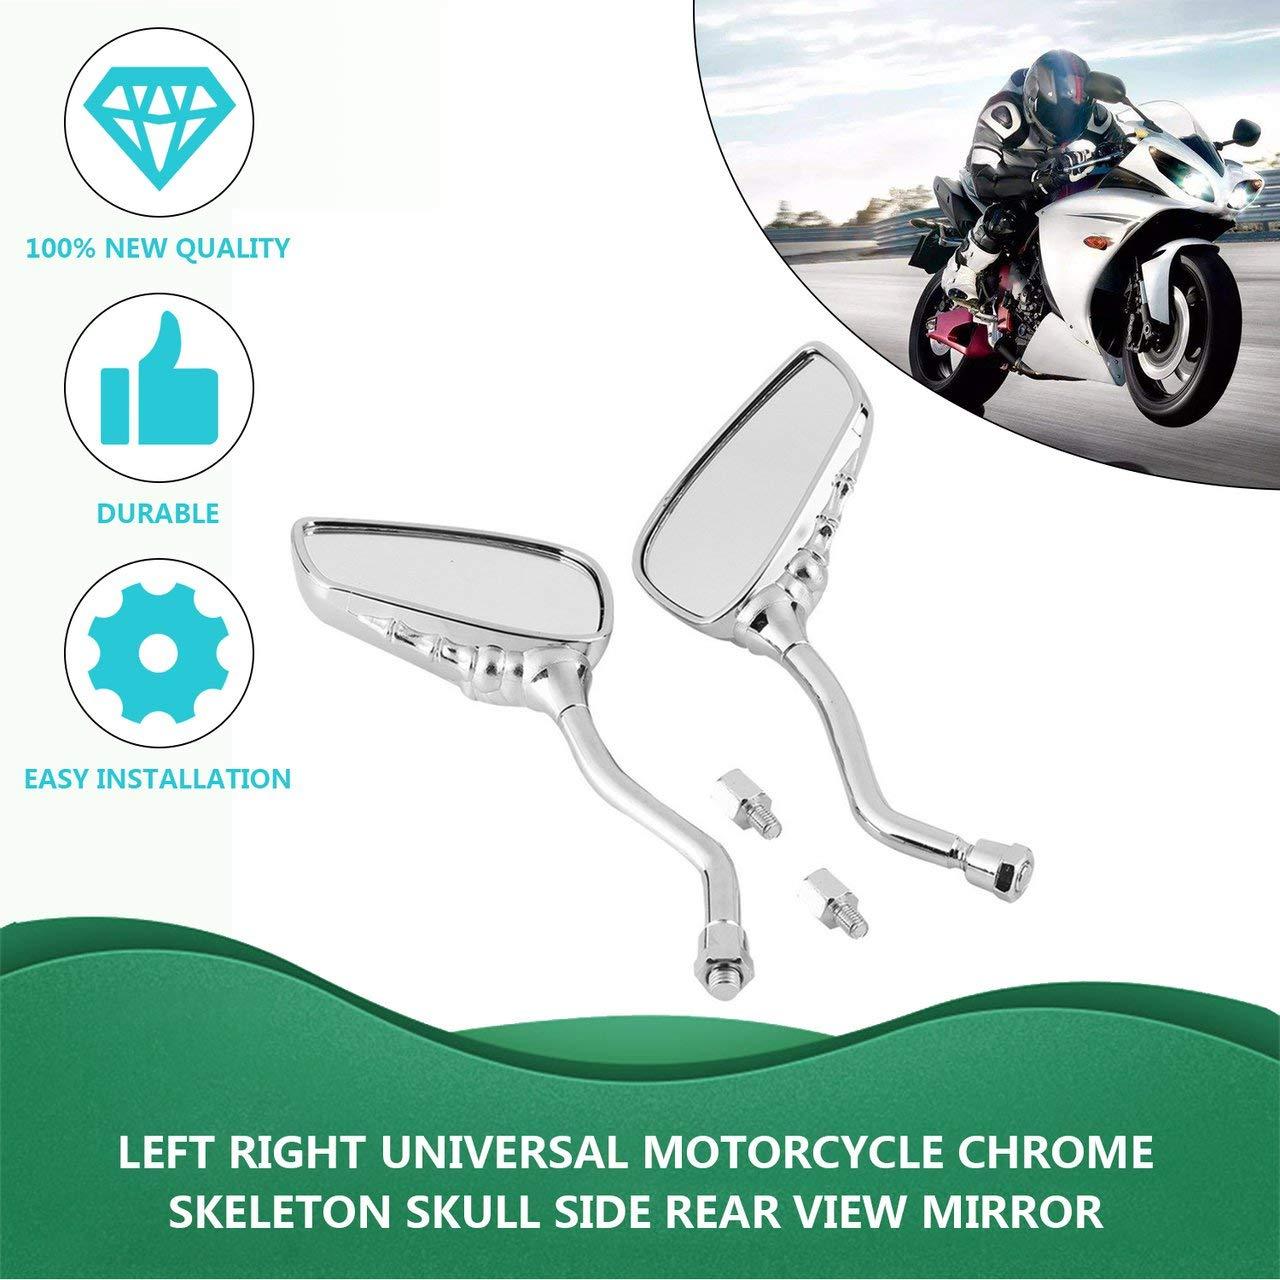 Plateado Izquierda Derecha Universal Motocicleta Cr/áneo Esqueleto Cr/áneo Estilo Garra Mano Espejos retrovisores laterales 10 mm F/ácil de instalar ESjasnyfall